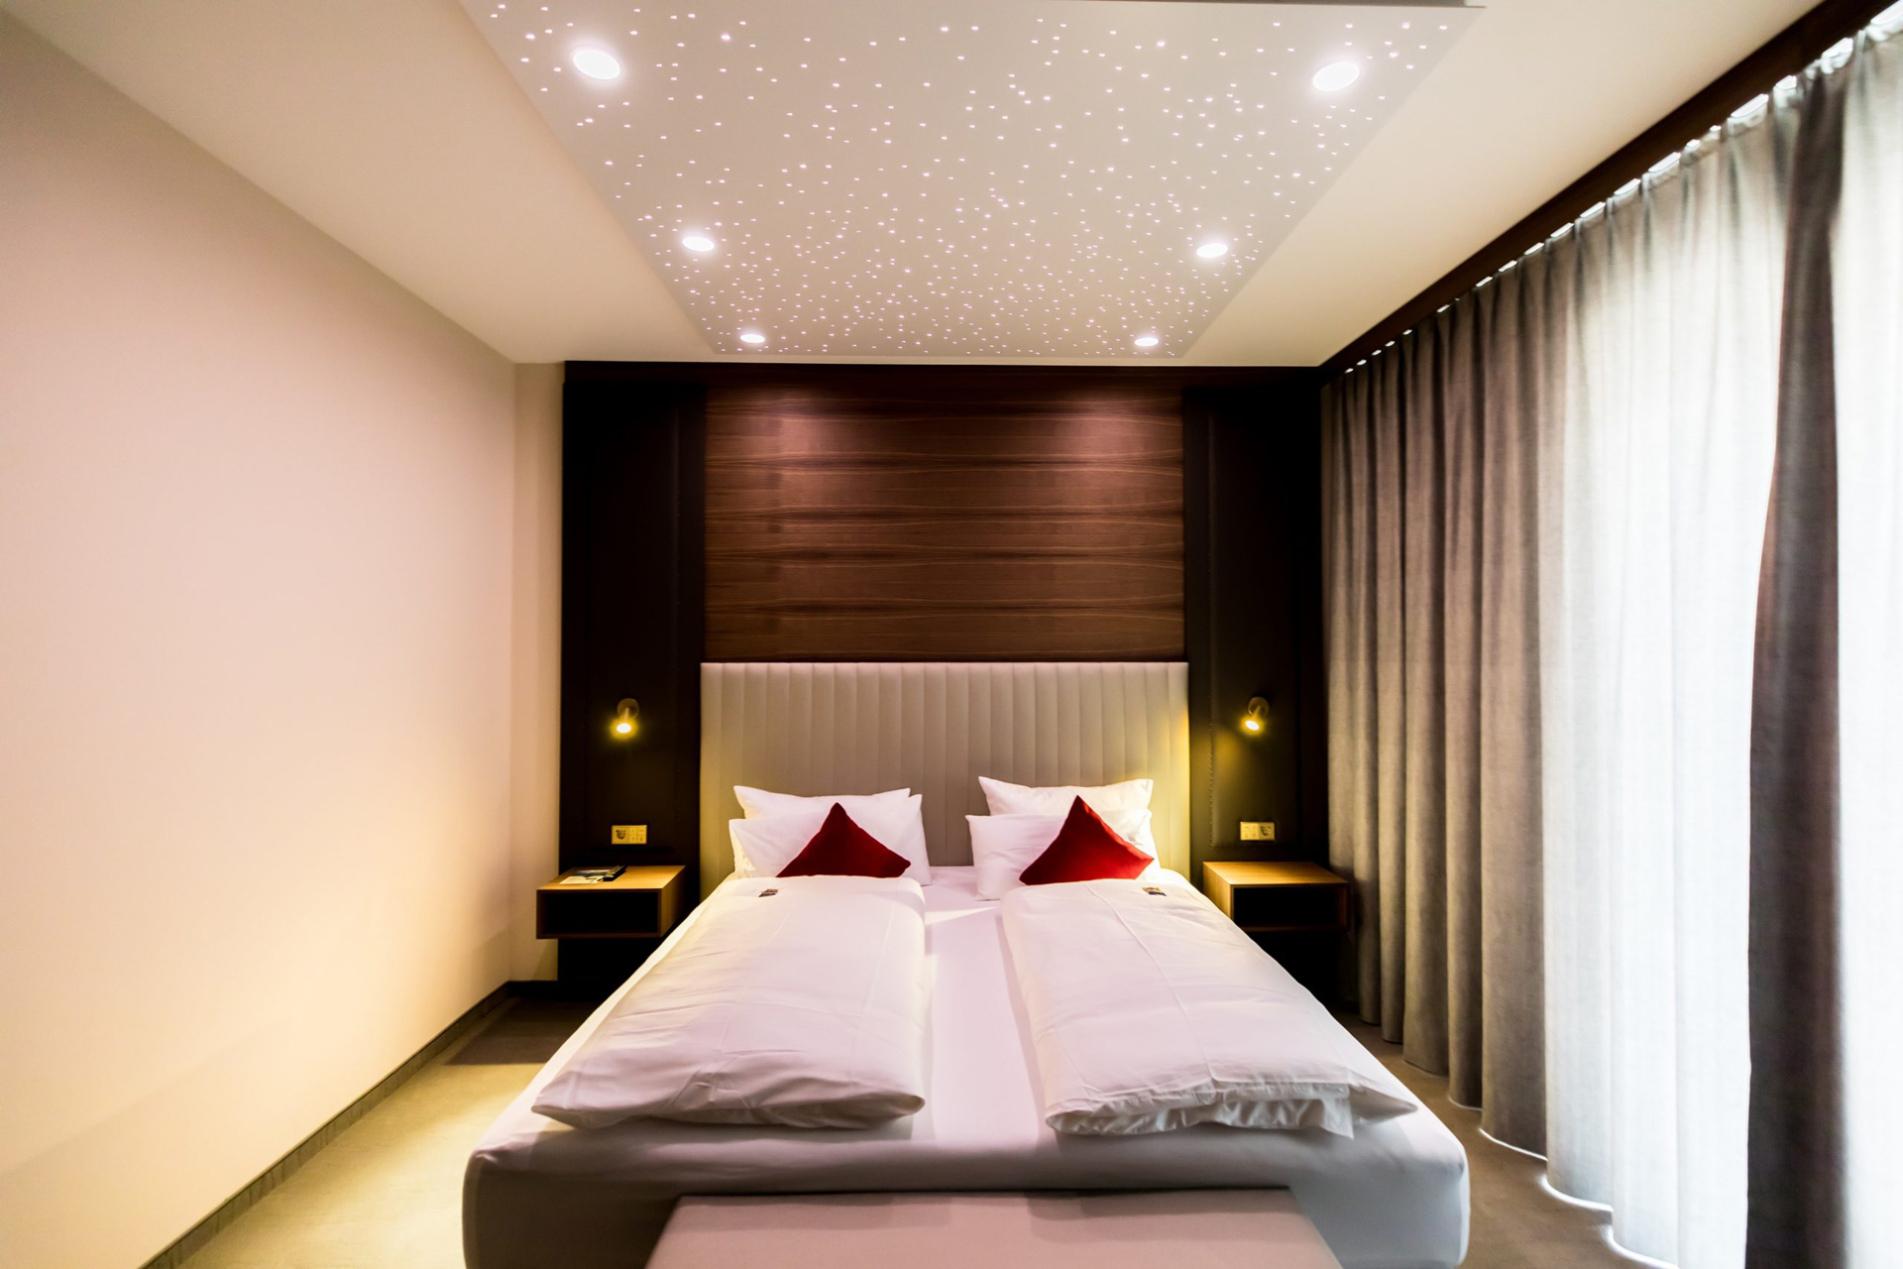 Schlossrezidence Aurich Stilles Renew Hotel Interior (7)